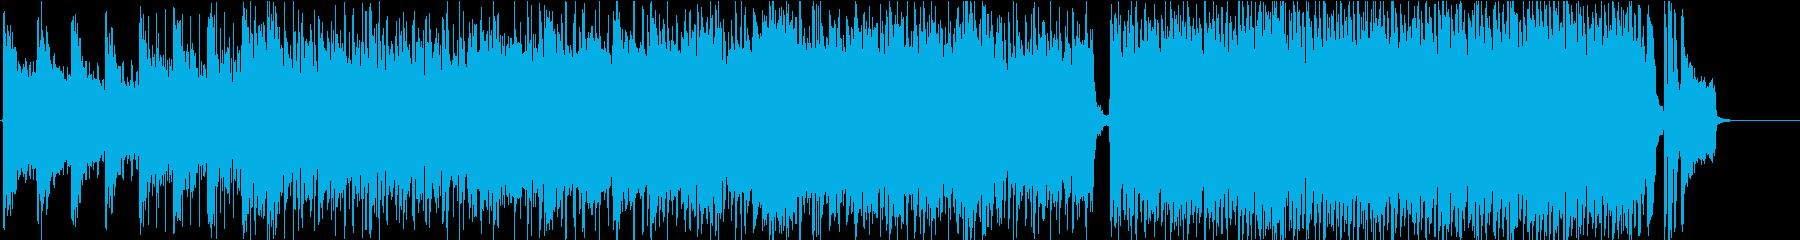 クラシック 交響曲 バトル 焦り ...の再生済みの波形